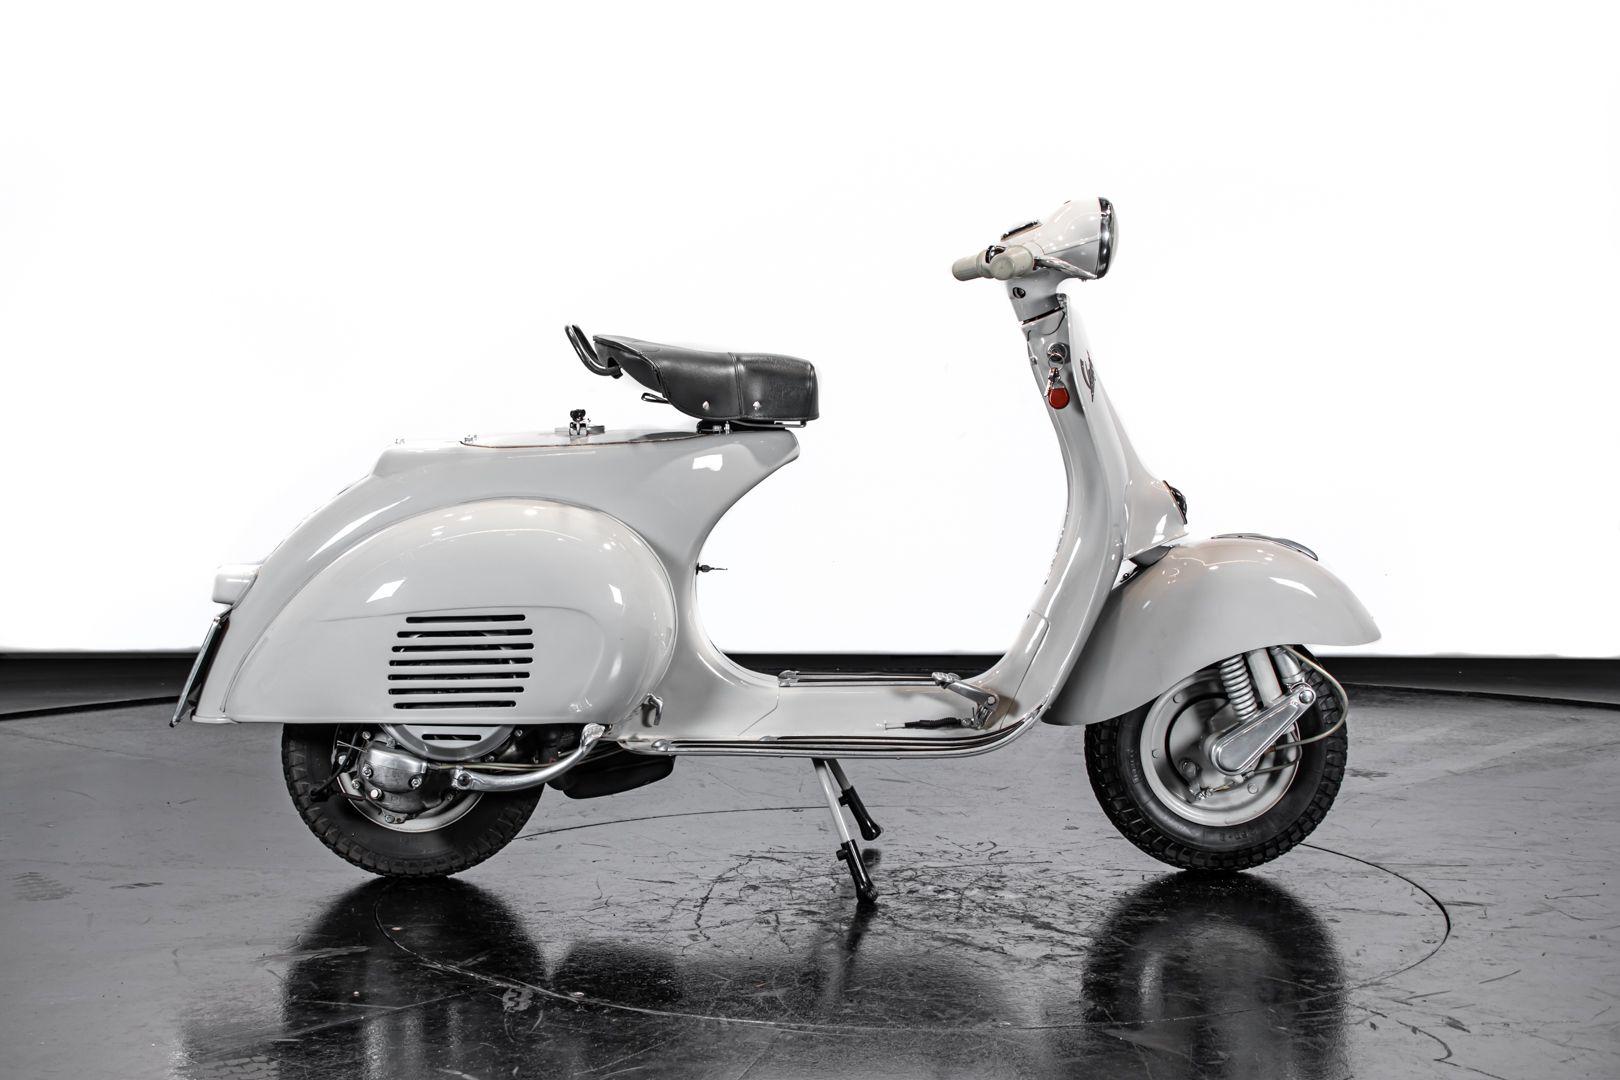 1958 Piaggio Vespa 125 72300